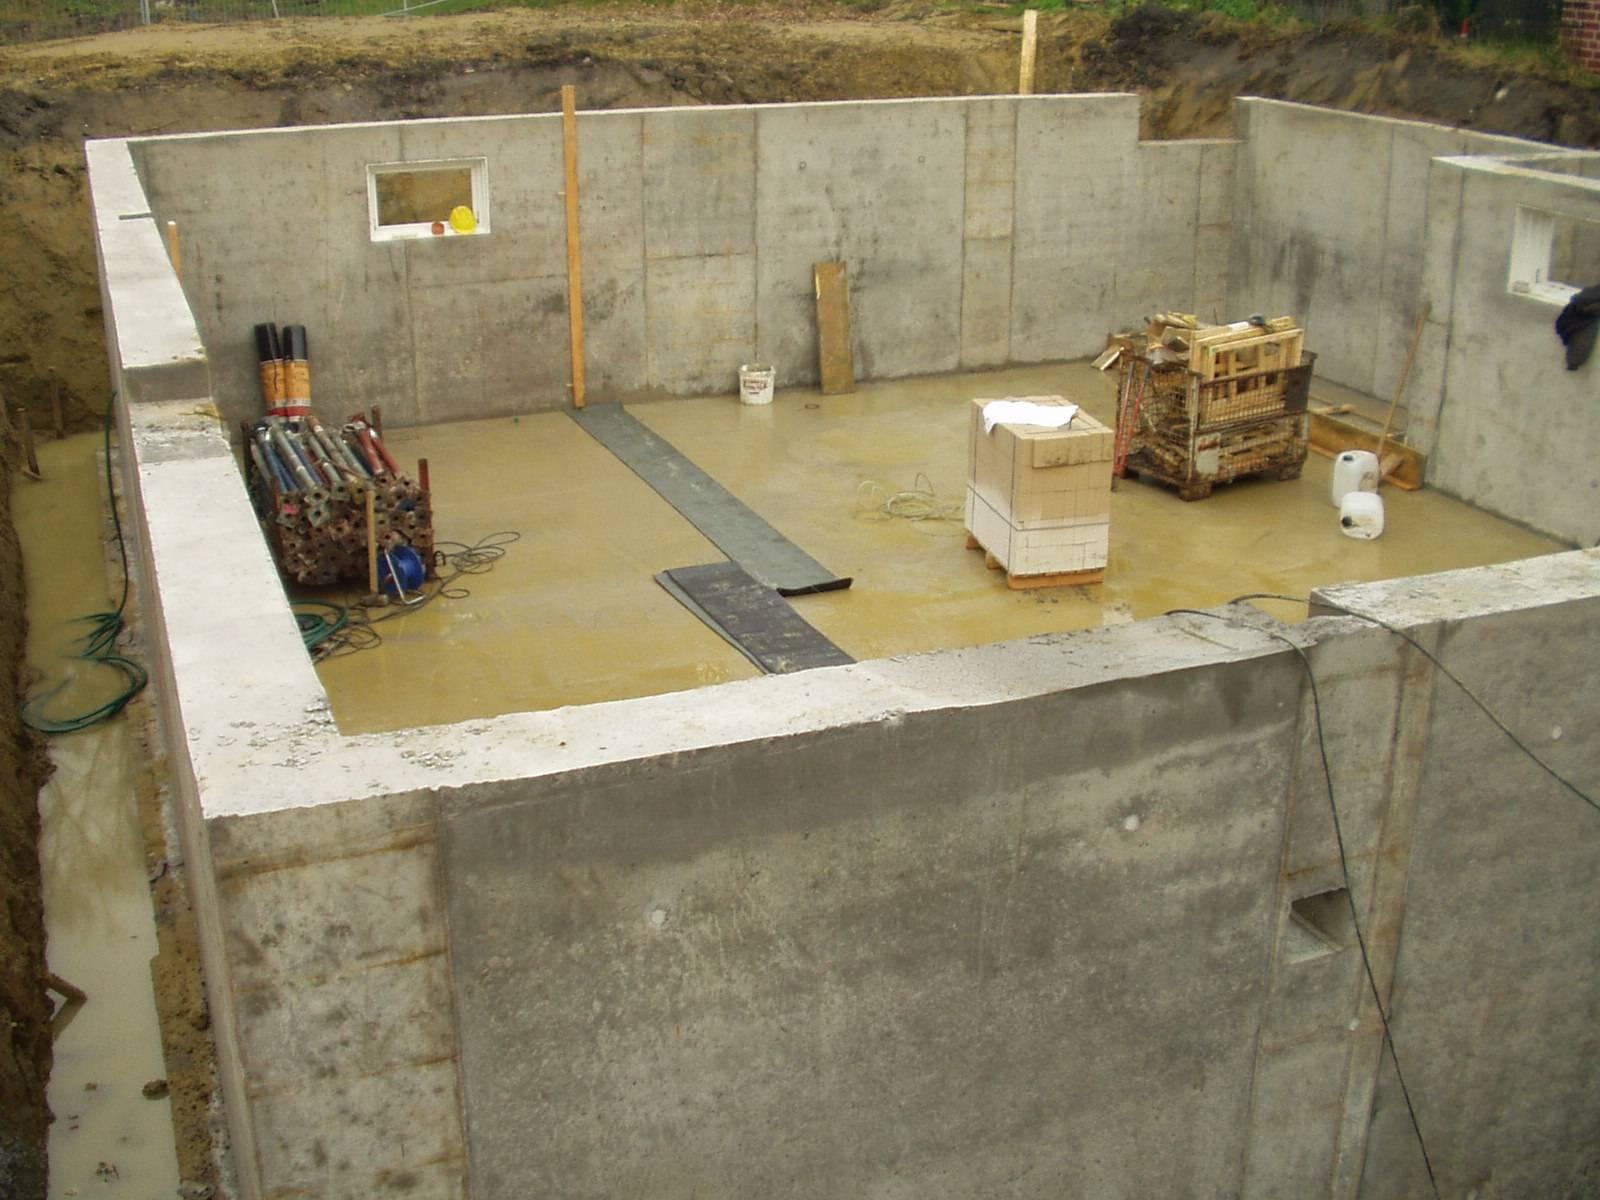 Бетонный погреб: монолитные конструкции, сооружения из железобетонных блоков, колец, газобетонных и керамзитобетонных материалов